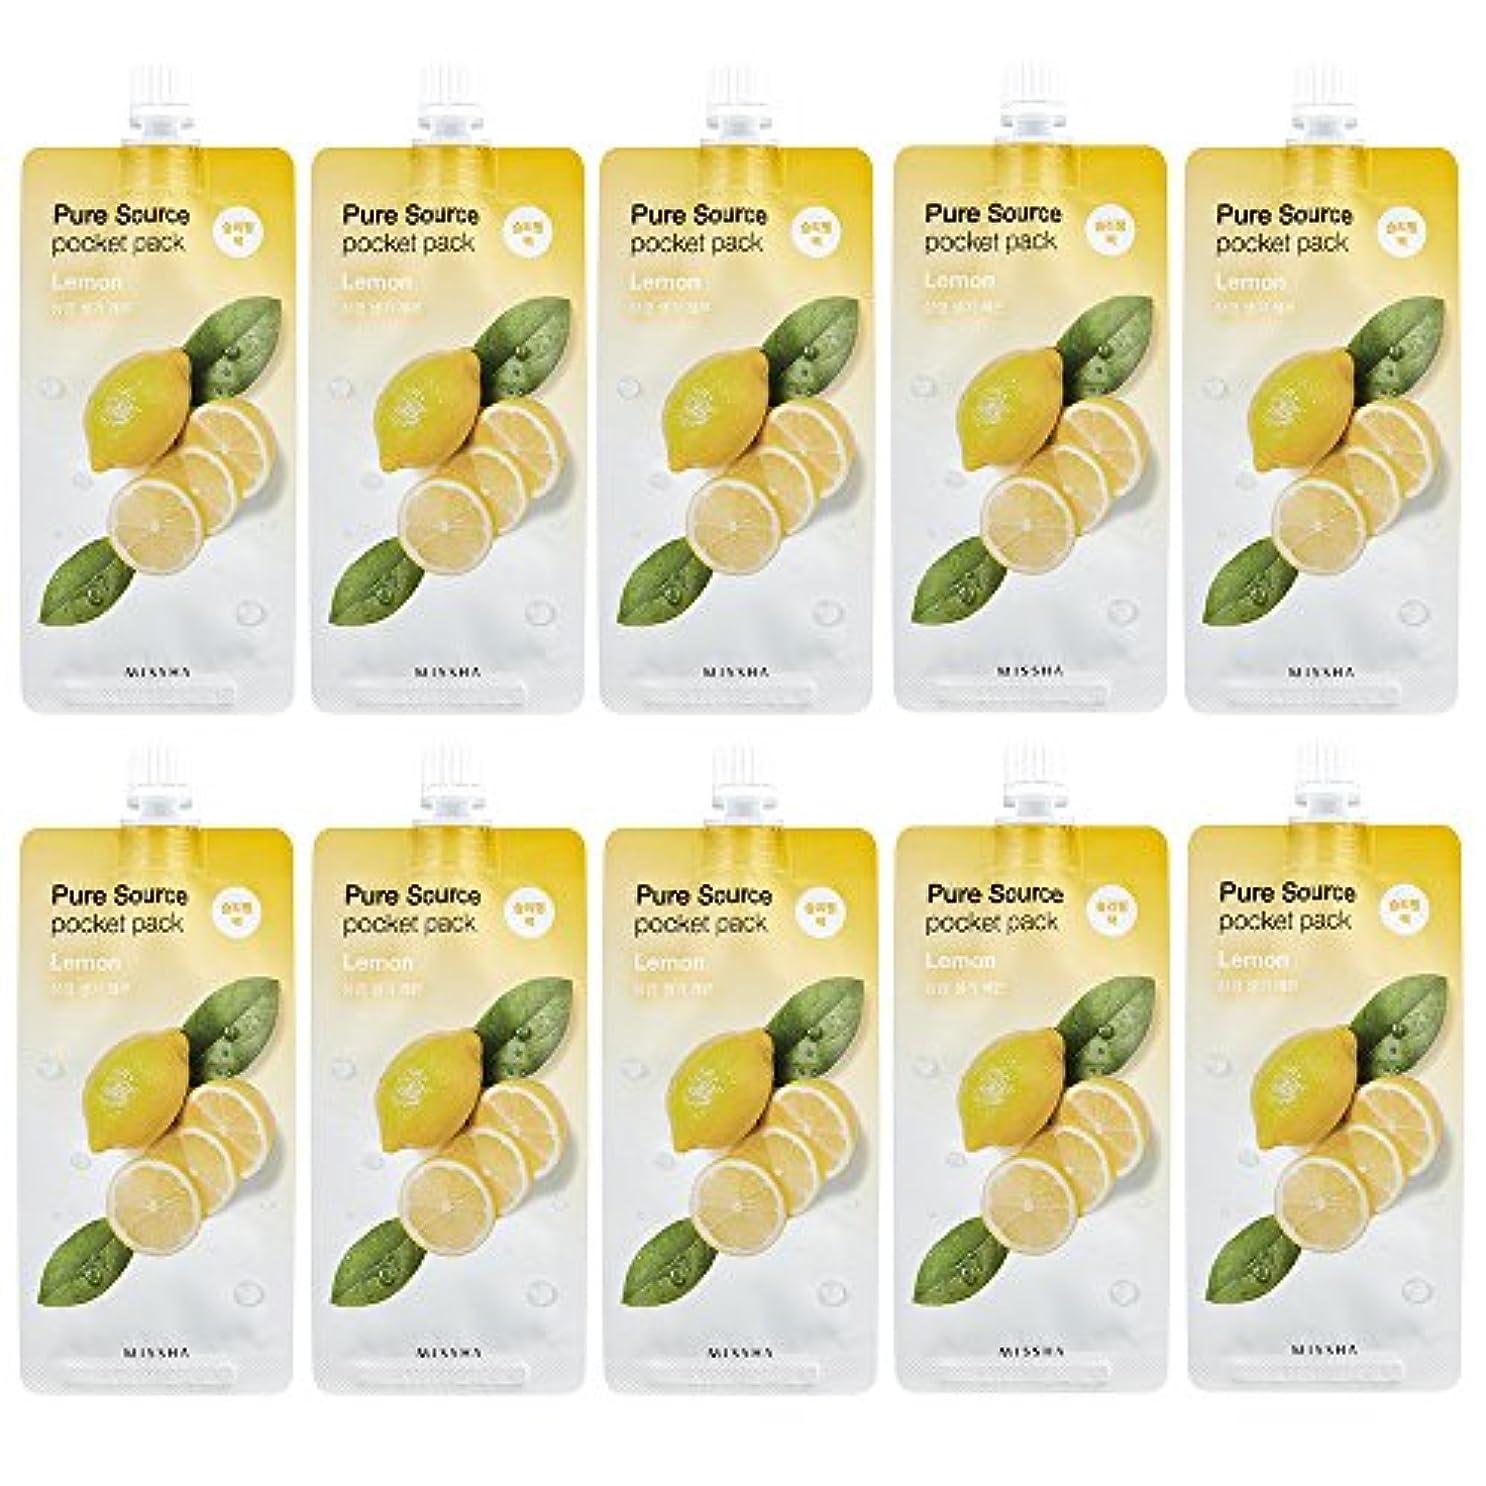 ミシャ ピュア ソース ポケット パック 1個 レモン(スリーピングパック)